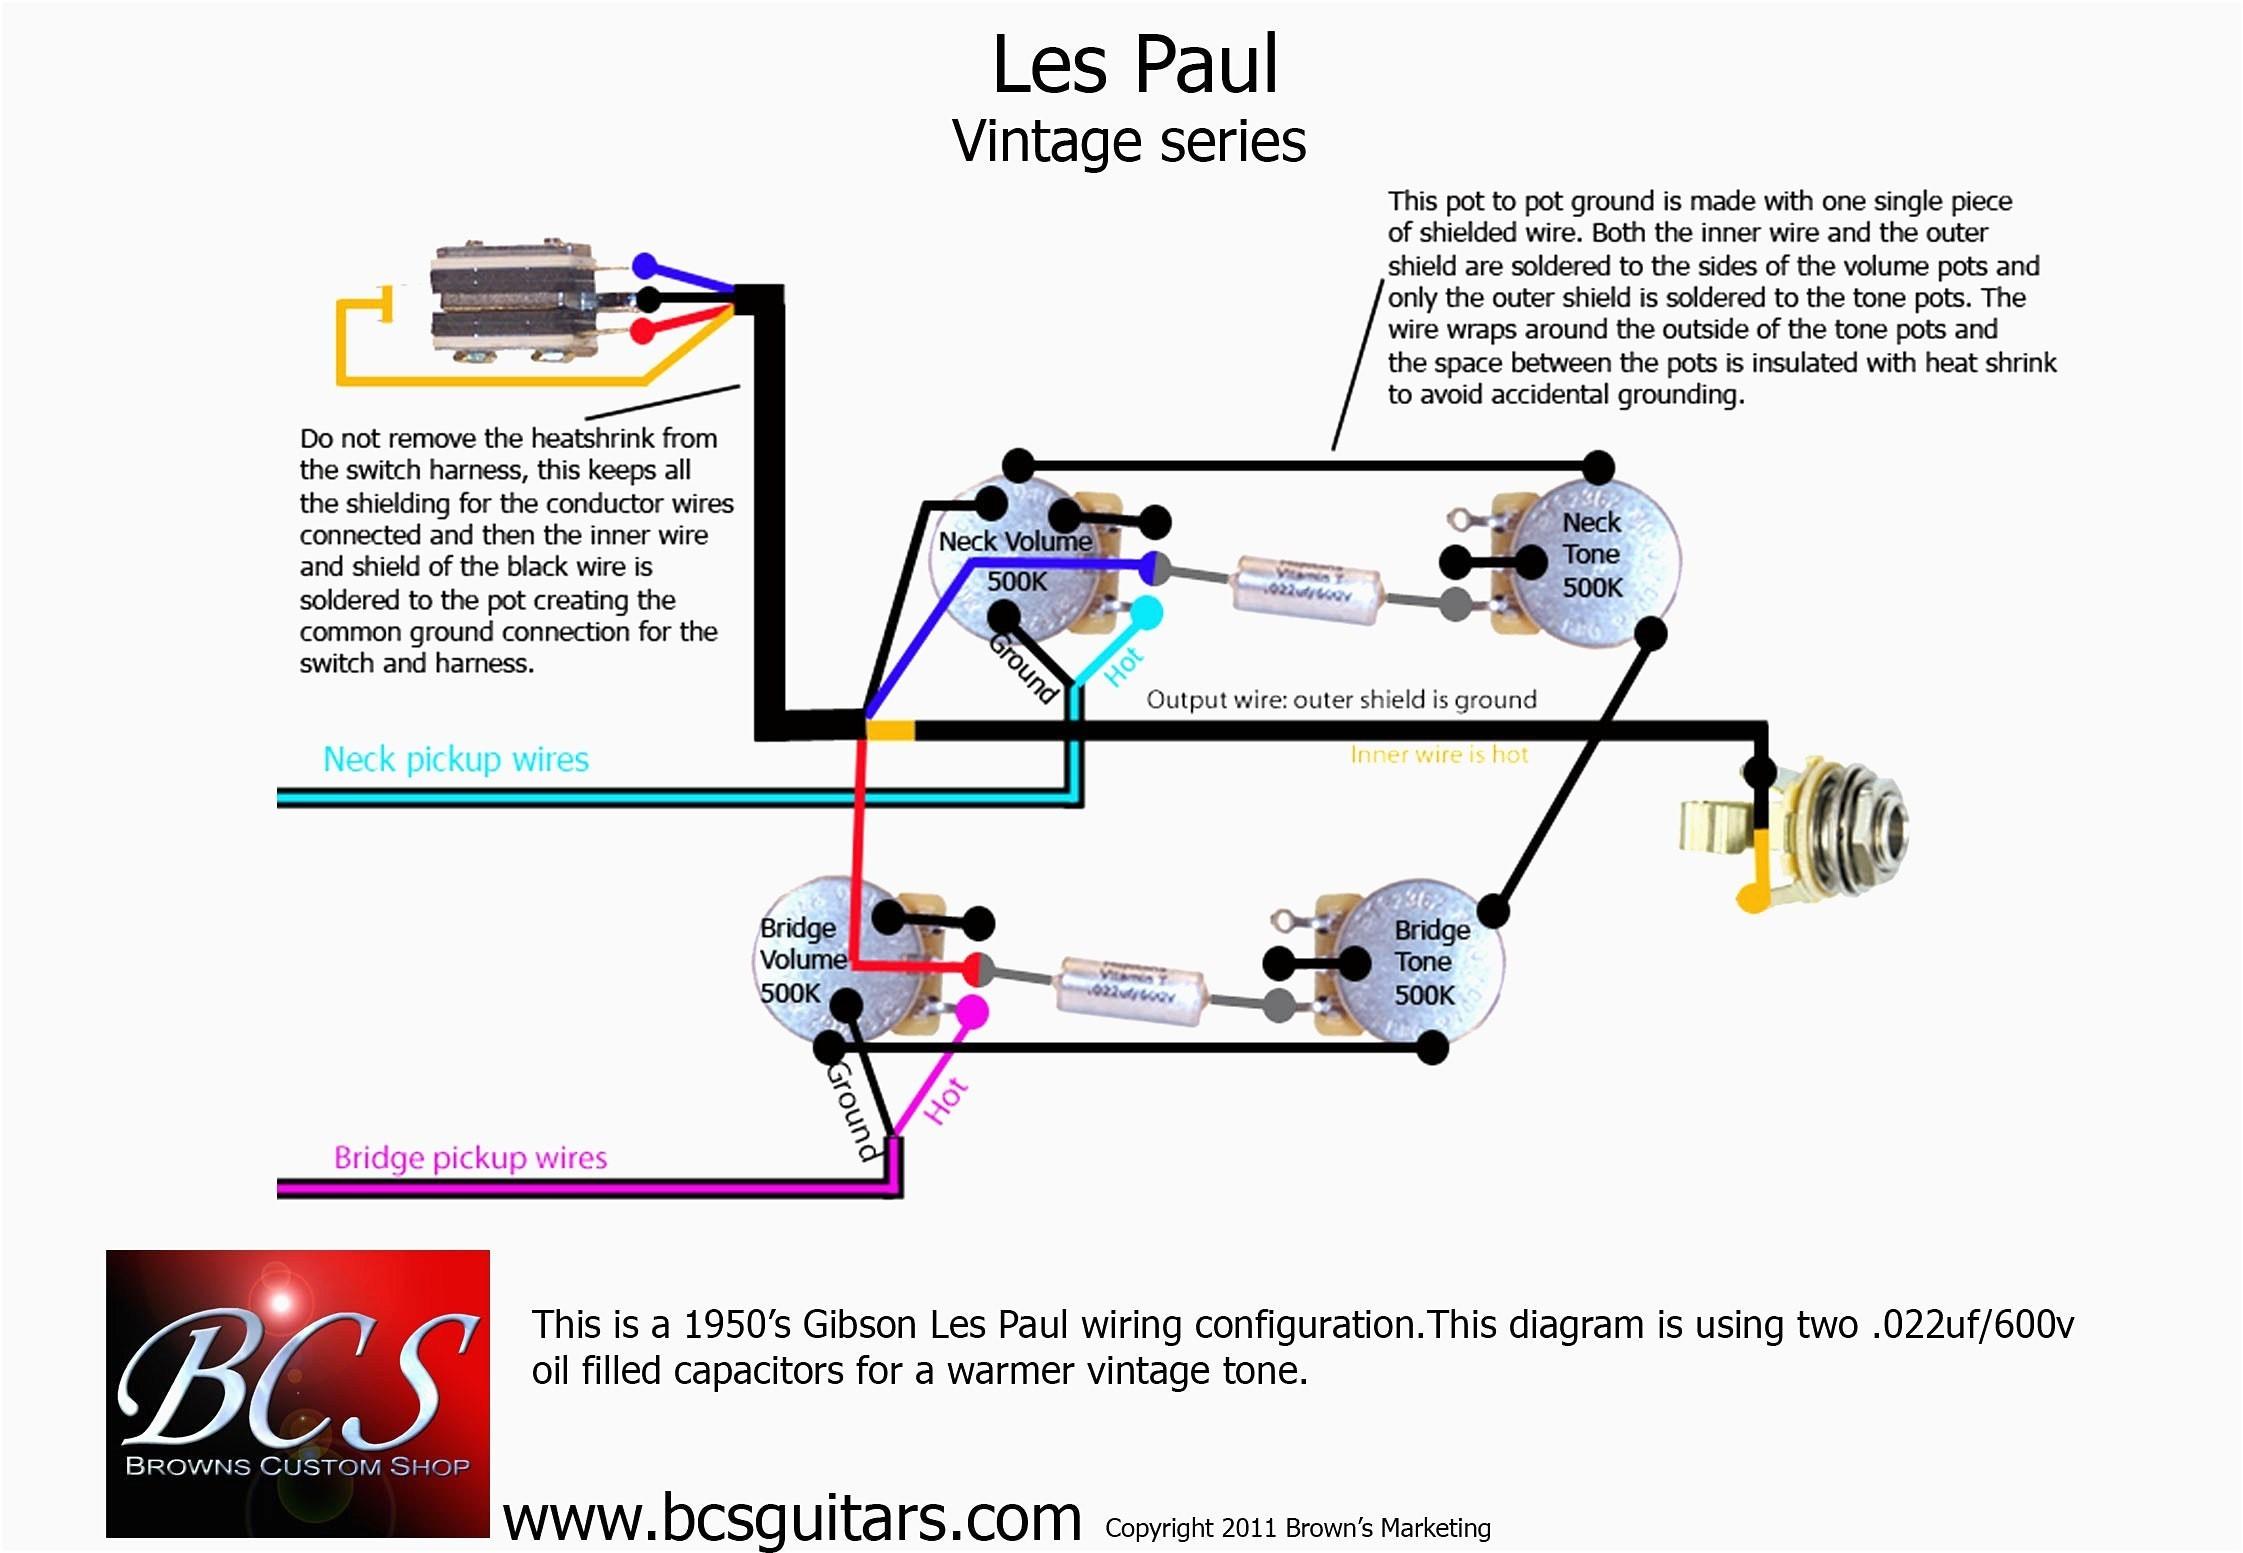 Wiring Diagram Les Paul Best Epiphone Les Paul 100 Archives Cnvanon Best Epiphone Les Paul